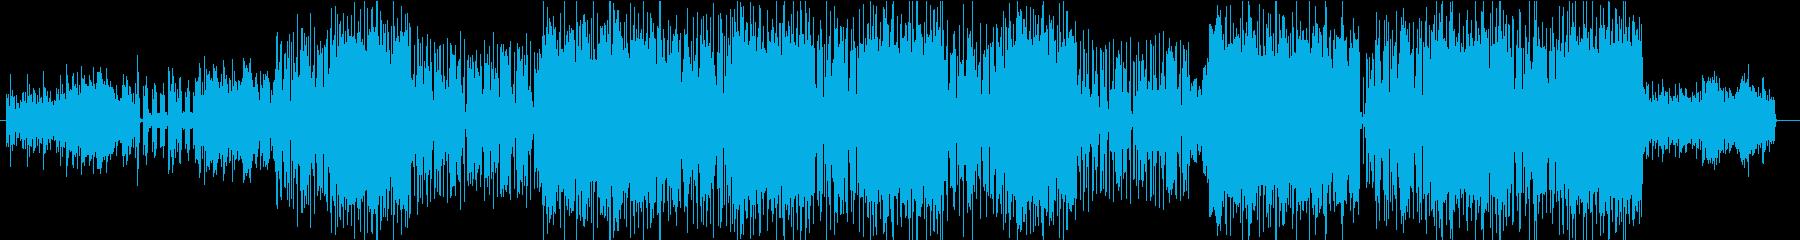 アコースティックギタードラマチックBGMの再生済みの波形